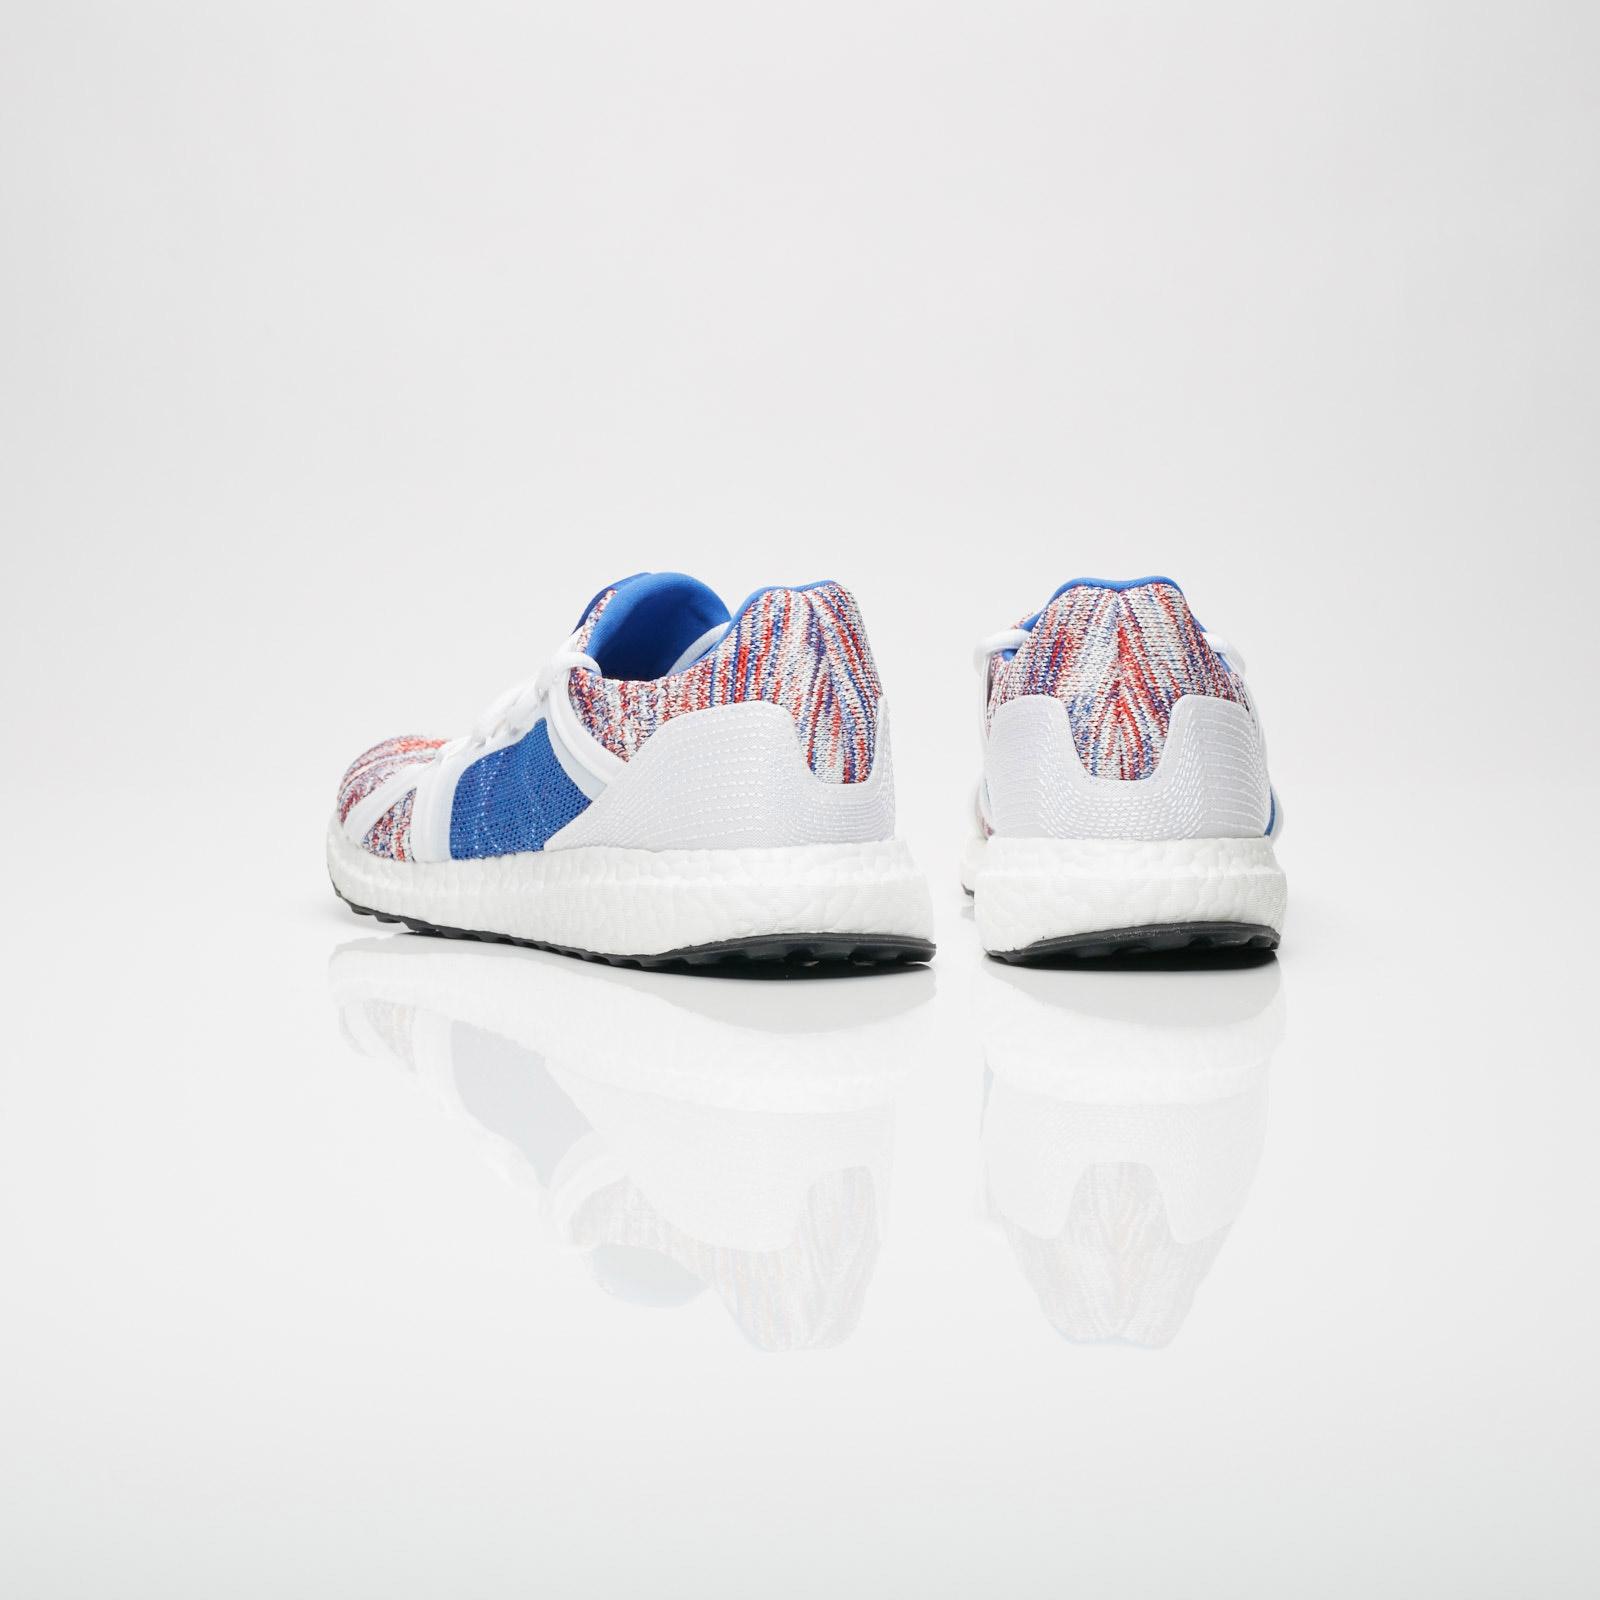 d9b1d4b04e97d adidas UltraBOOST Parley - Cq1708 - Sneakersnstuff